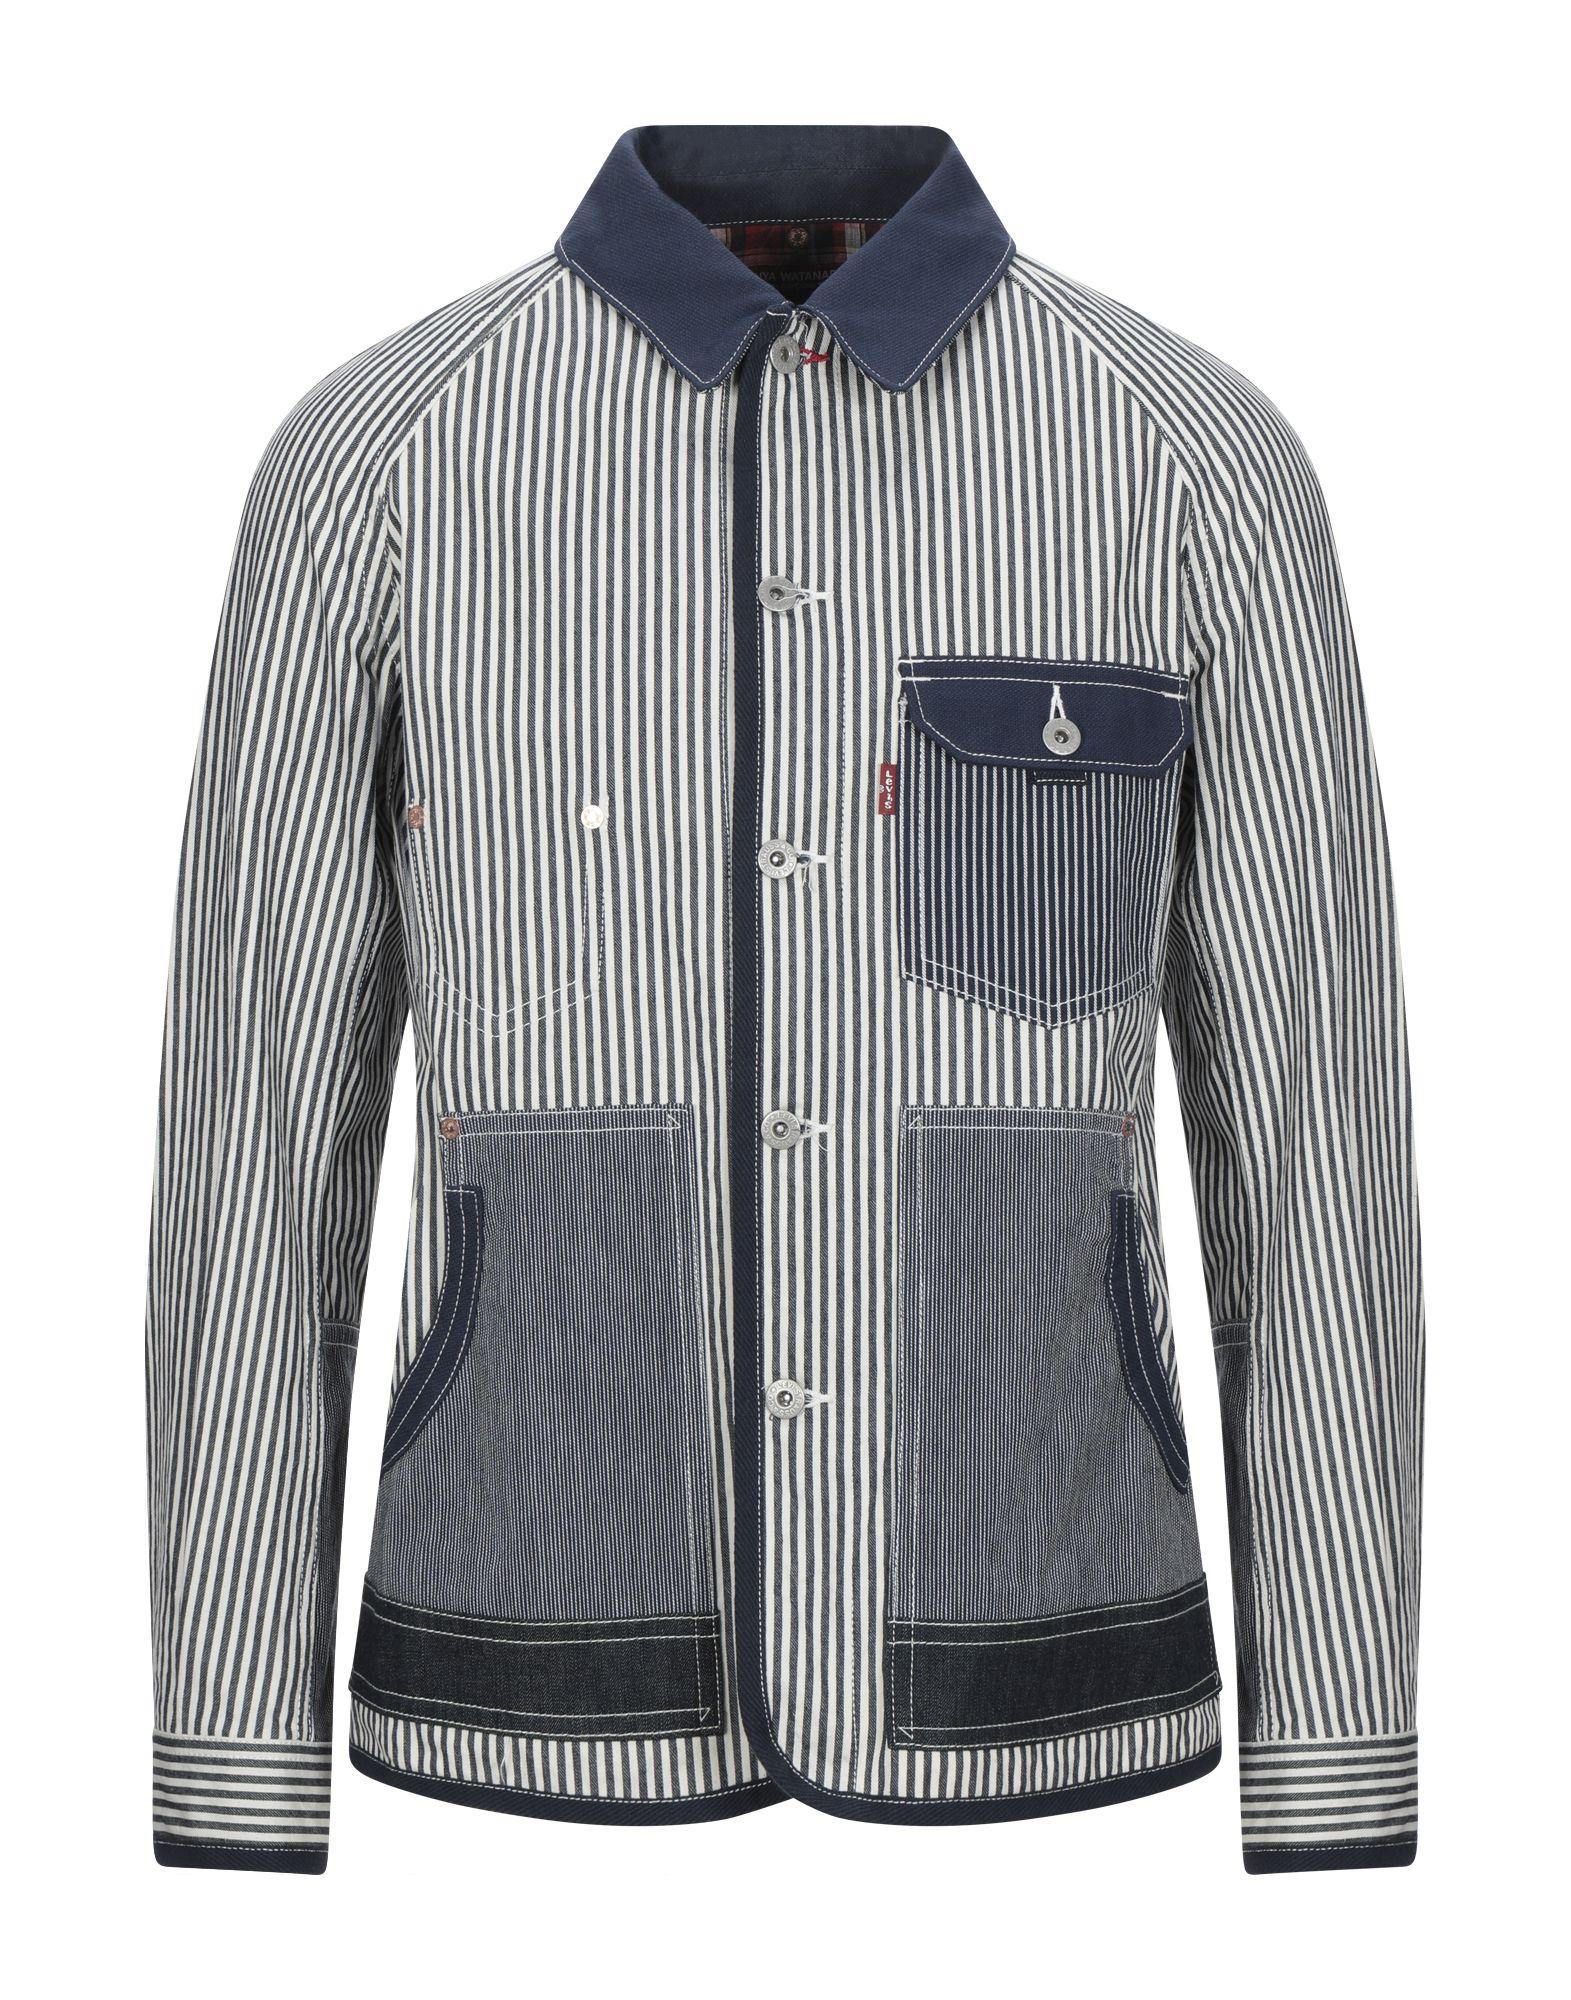 JUNYA WATANABE COMME des GARÇONS MAN X LEVI'S Джинсовая верхняя одежда все цены